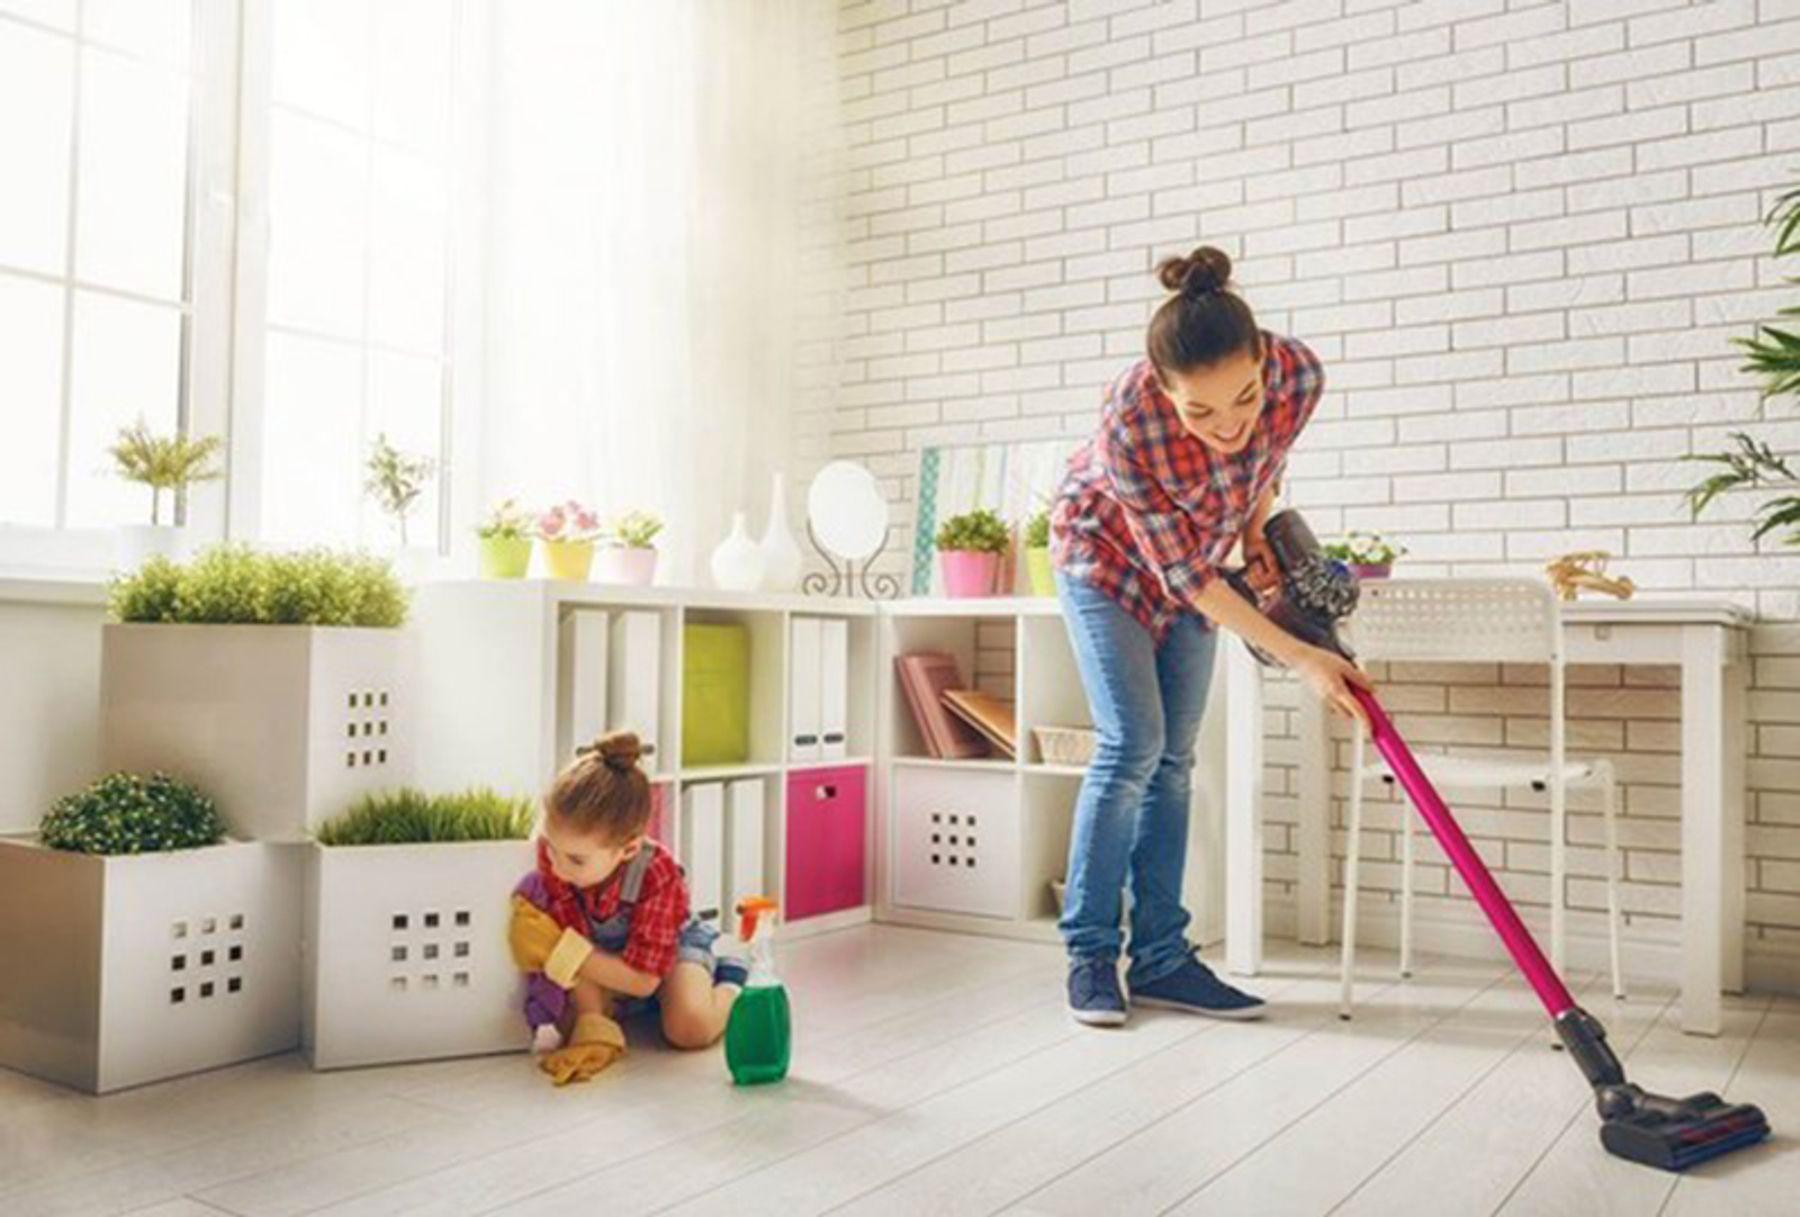 Cùng bé yêu sửa sang, dọn dẹp nhà cửa